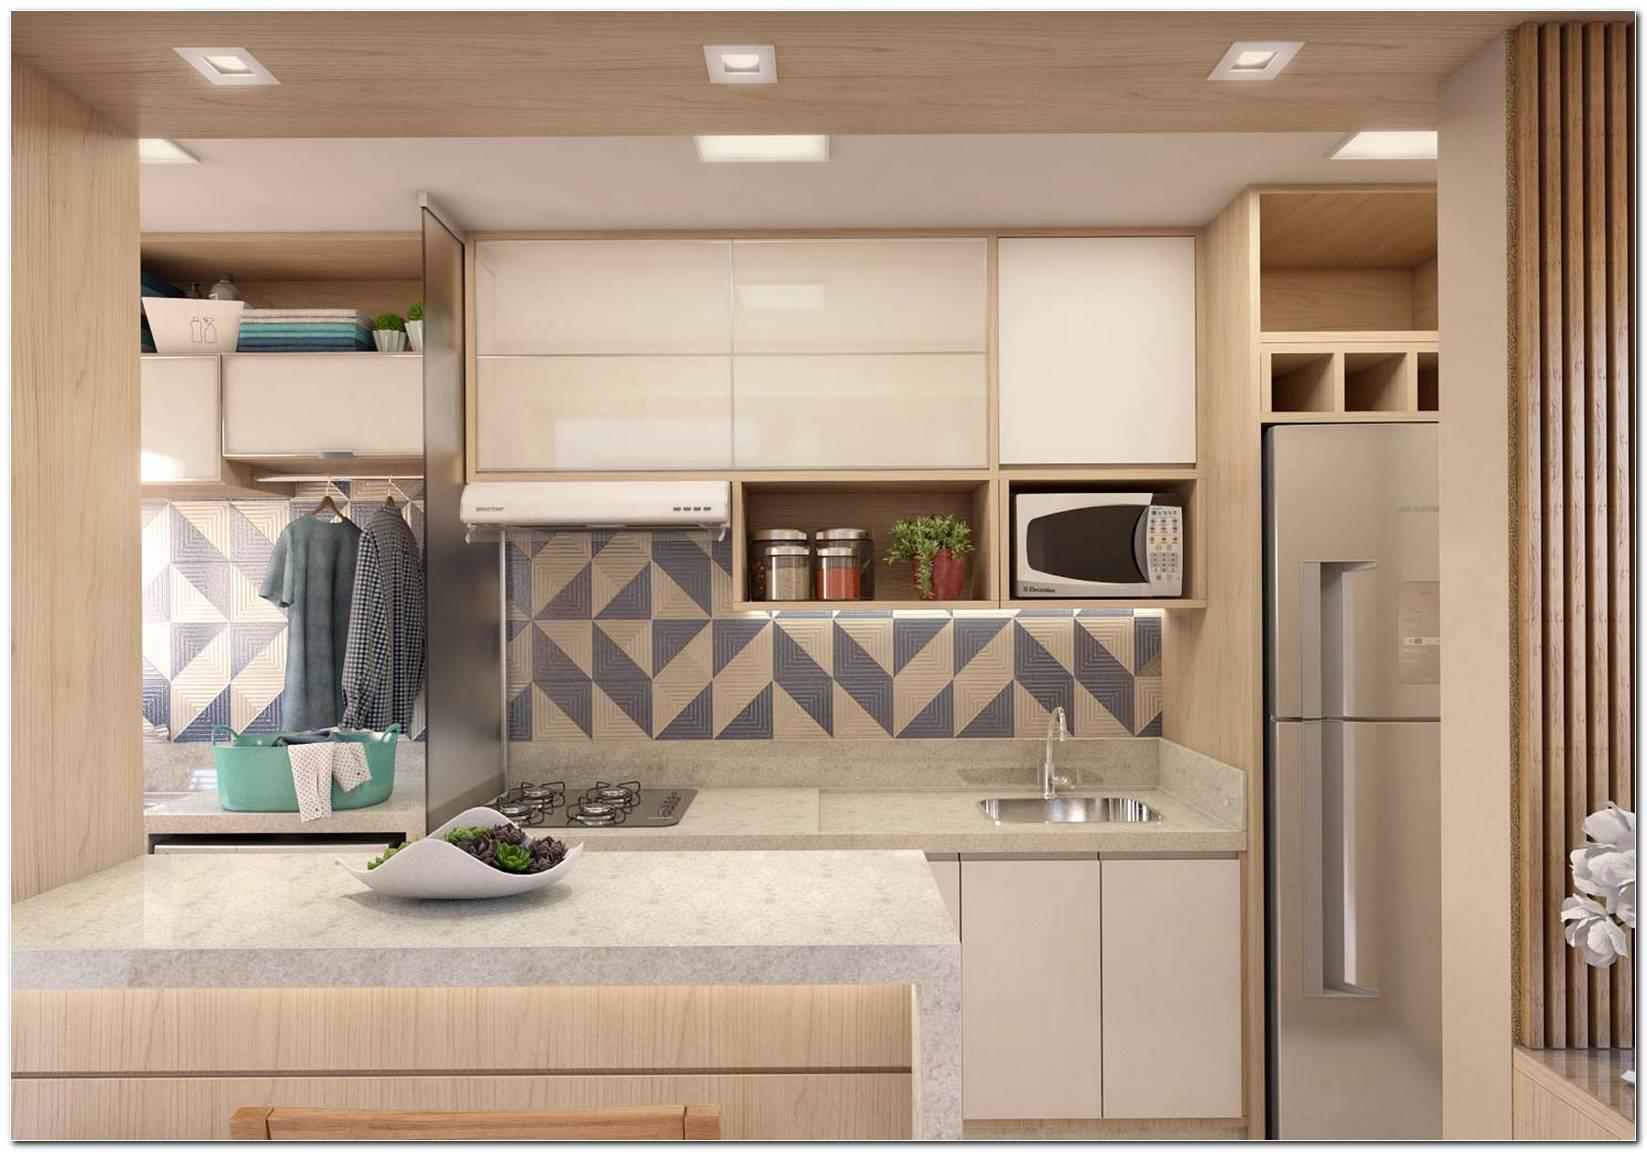 Apartamentos Decorados Veja 60 Ideias E Fotos De Projetos Incríveis